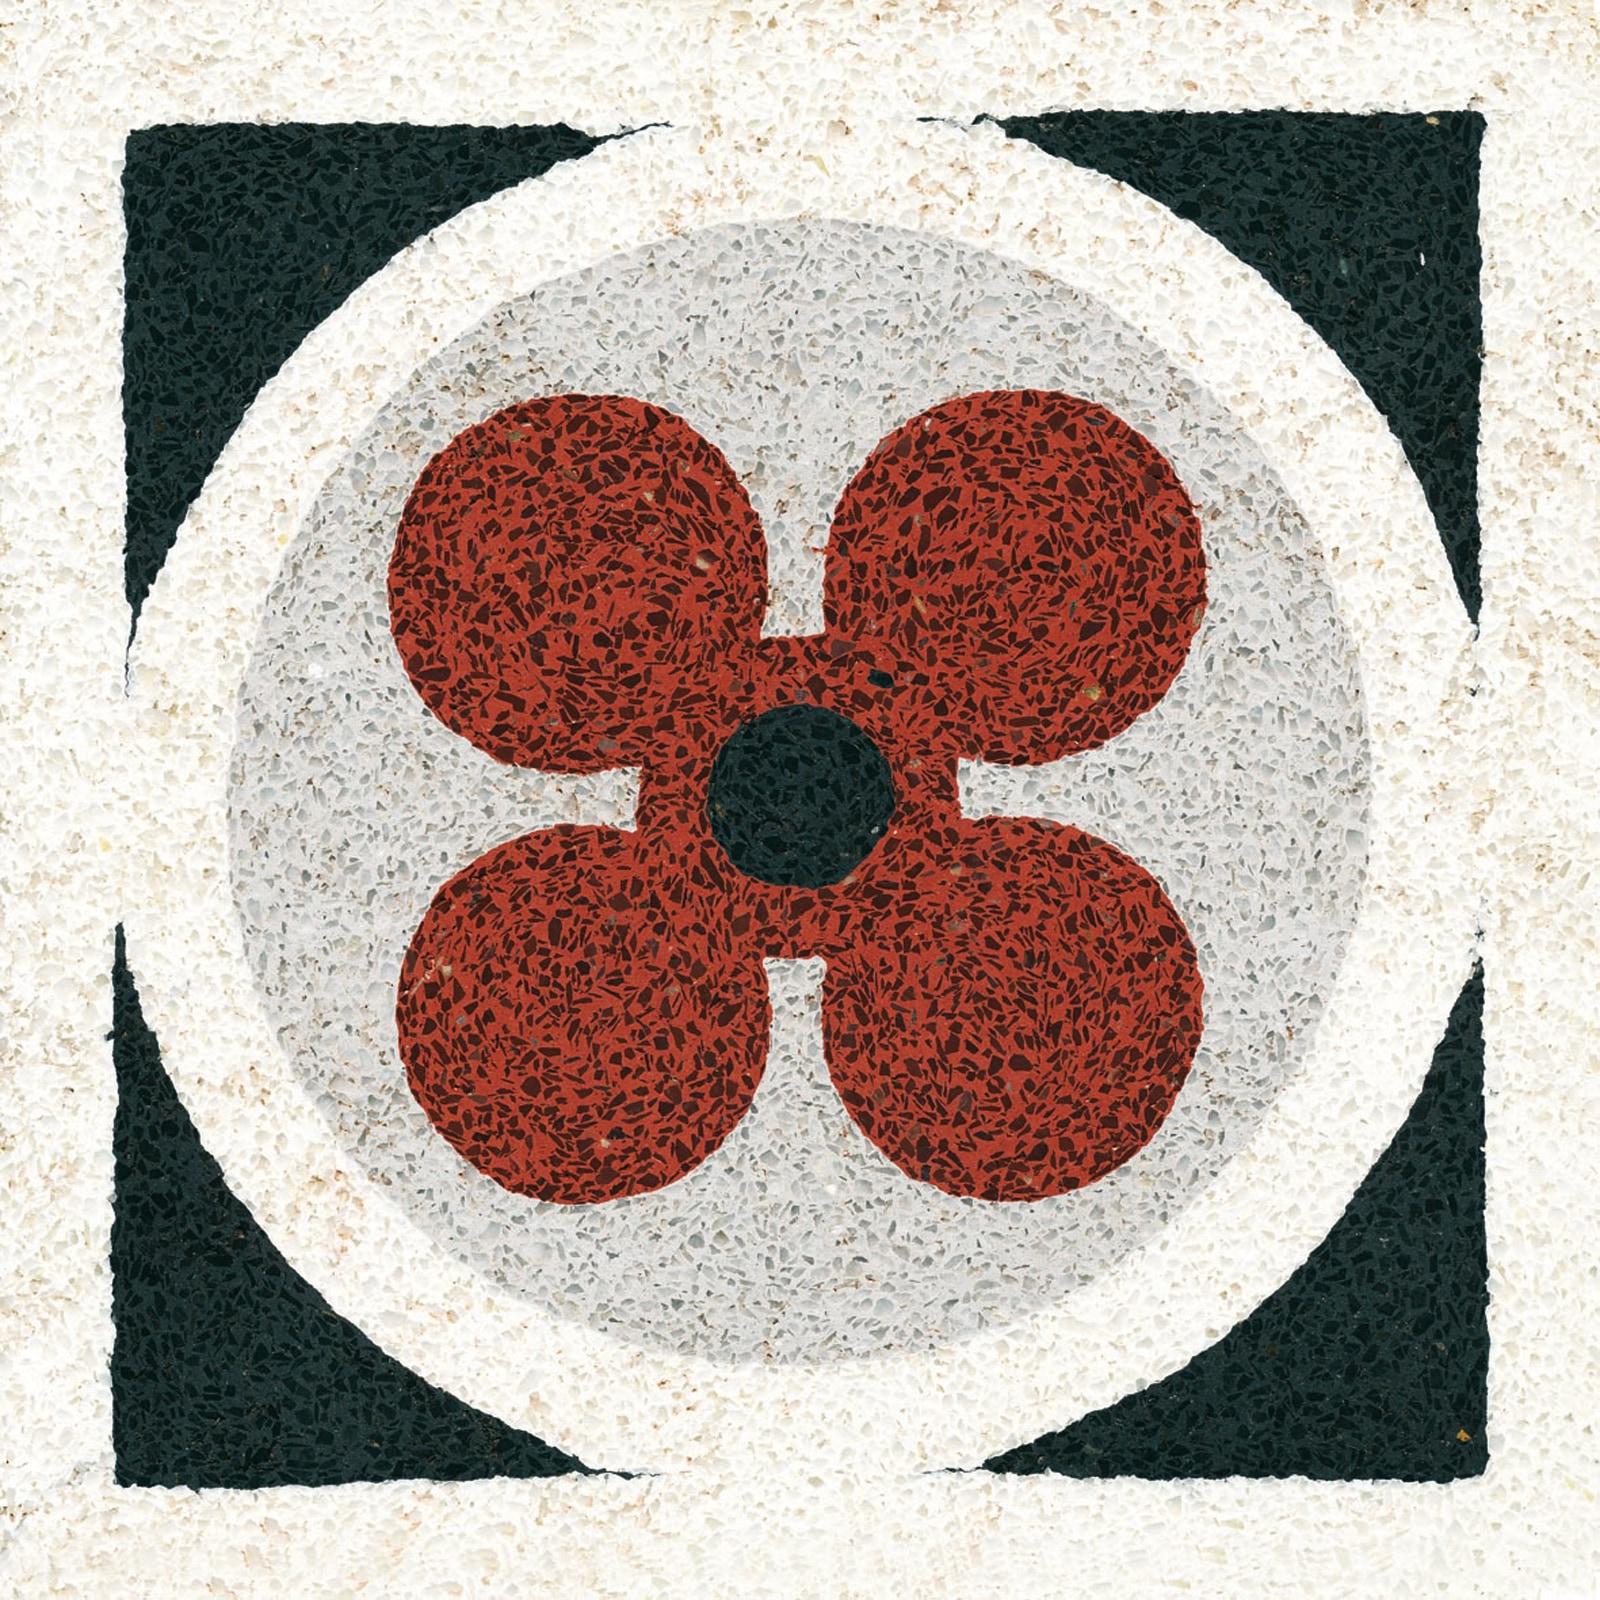 VIA Terrazzofliese mit Blume in rot